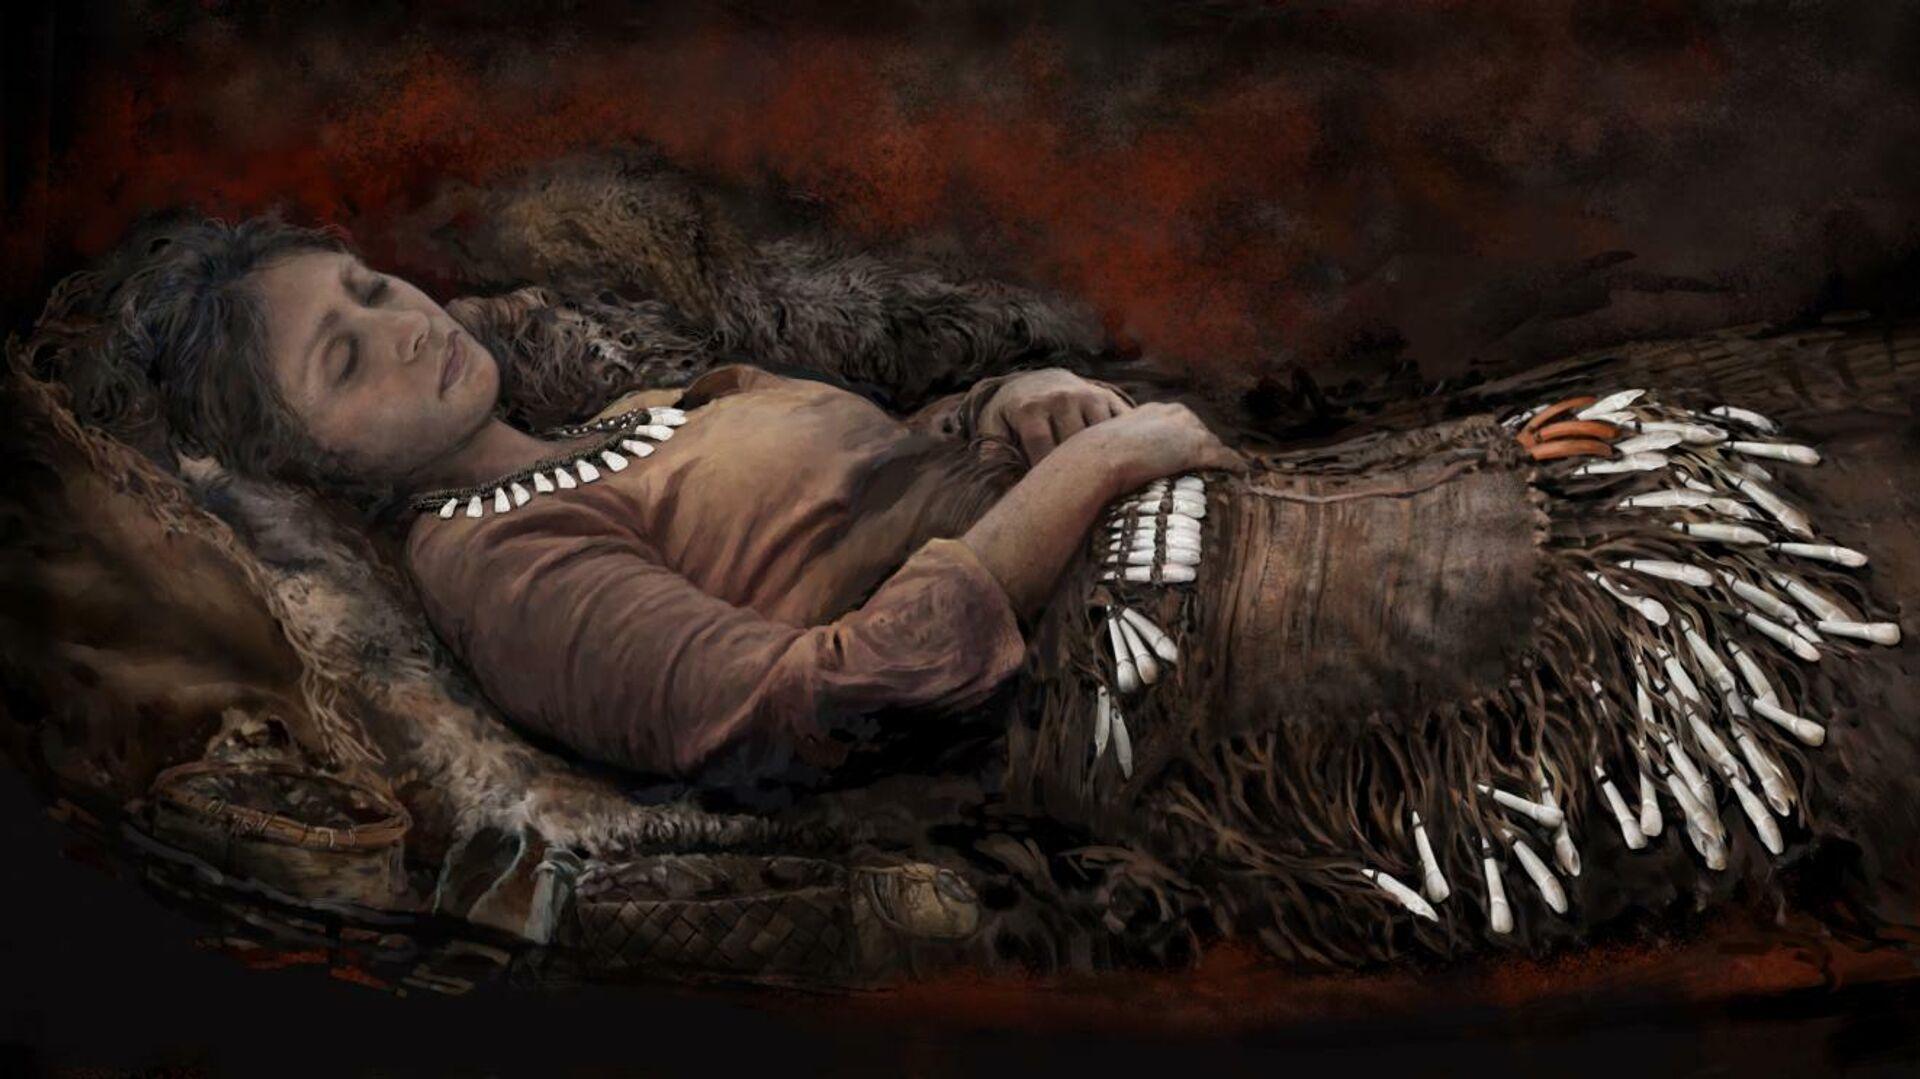 Реконструкция женщины, похороненной в одежде, украшенной зубами лося - РИА Новости, 1920, 15.01.2021